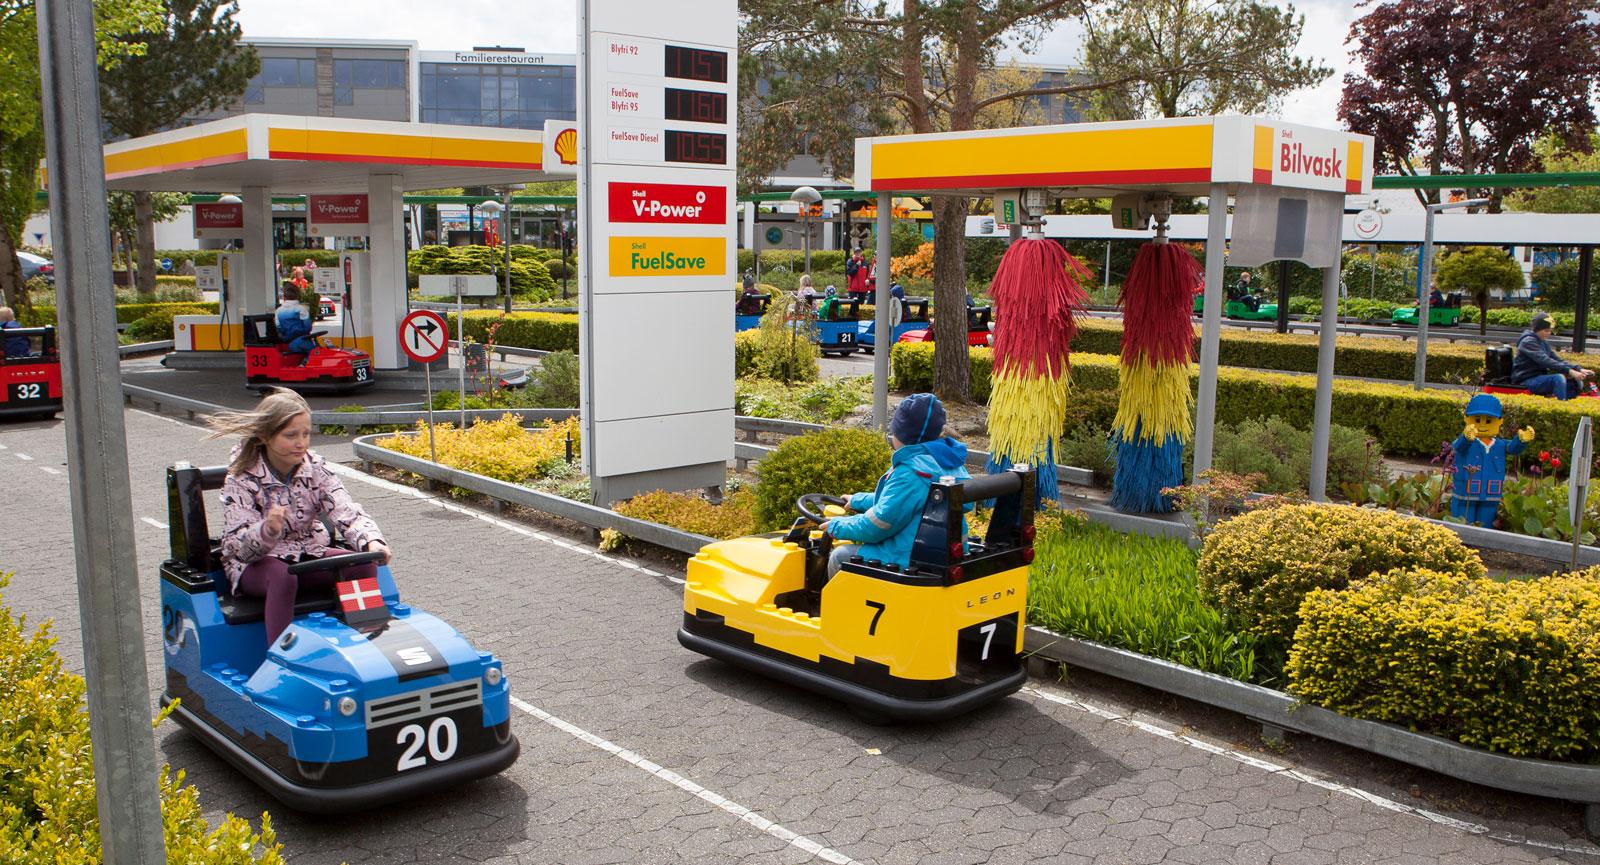 Körskolan är väldigt populär så det gäller att boka körtid! Underhållande även för åskådarna stundtals.